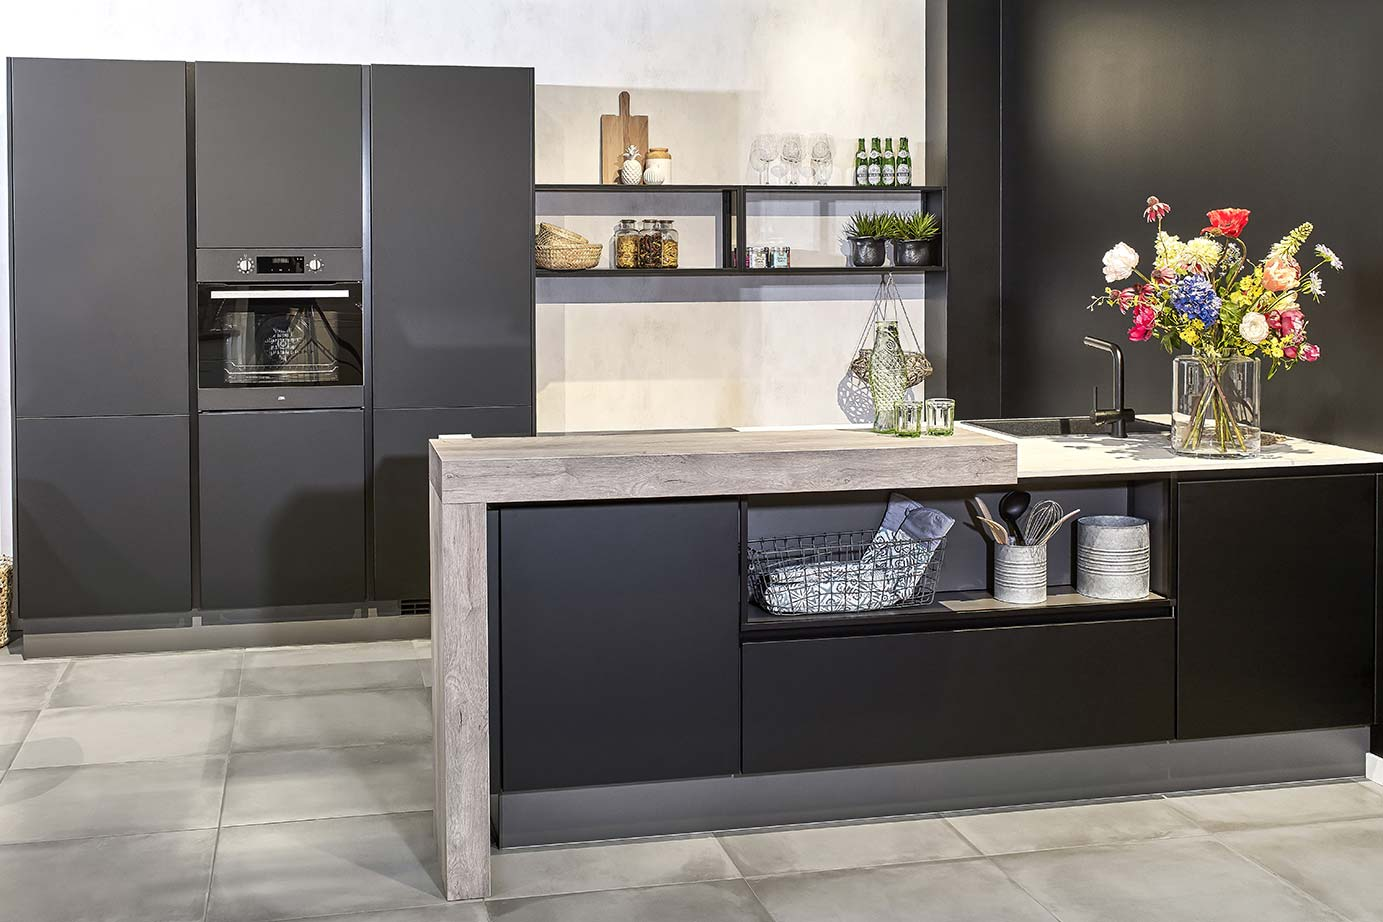 Modern Zwart Keuken : Zwarte kookeiland met kastenwand bekijk foto s en prijzen db